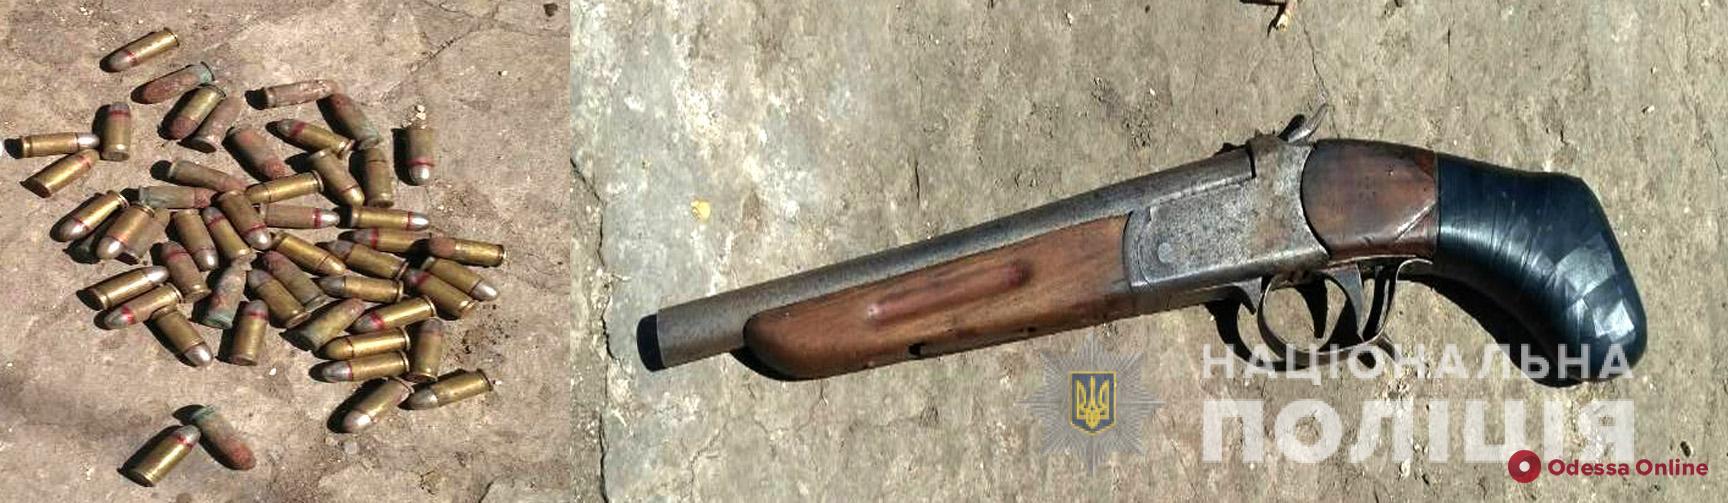 Нашел в мусорном баке: у жителя Одесской области изъяли обрез и патроны